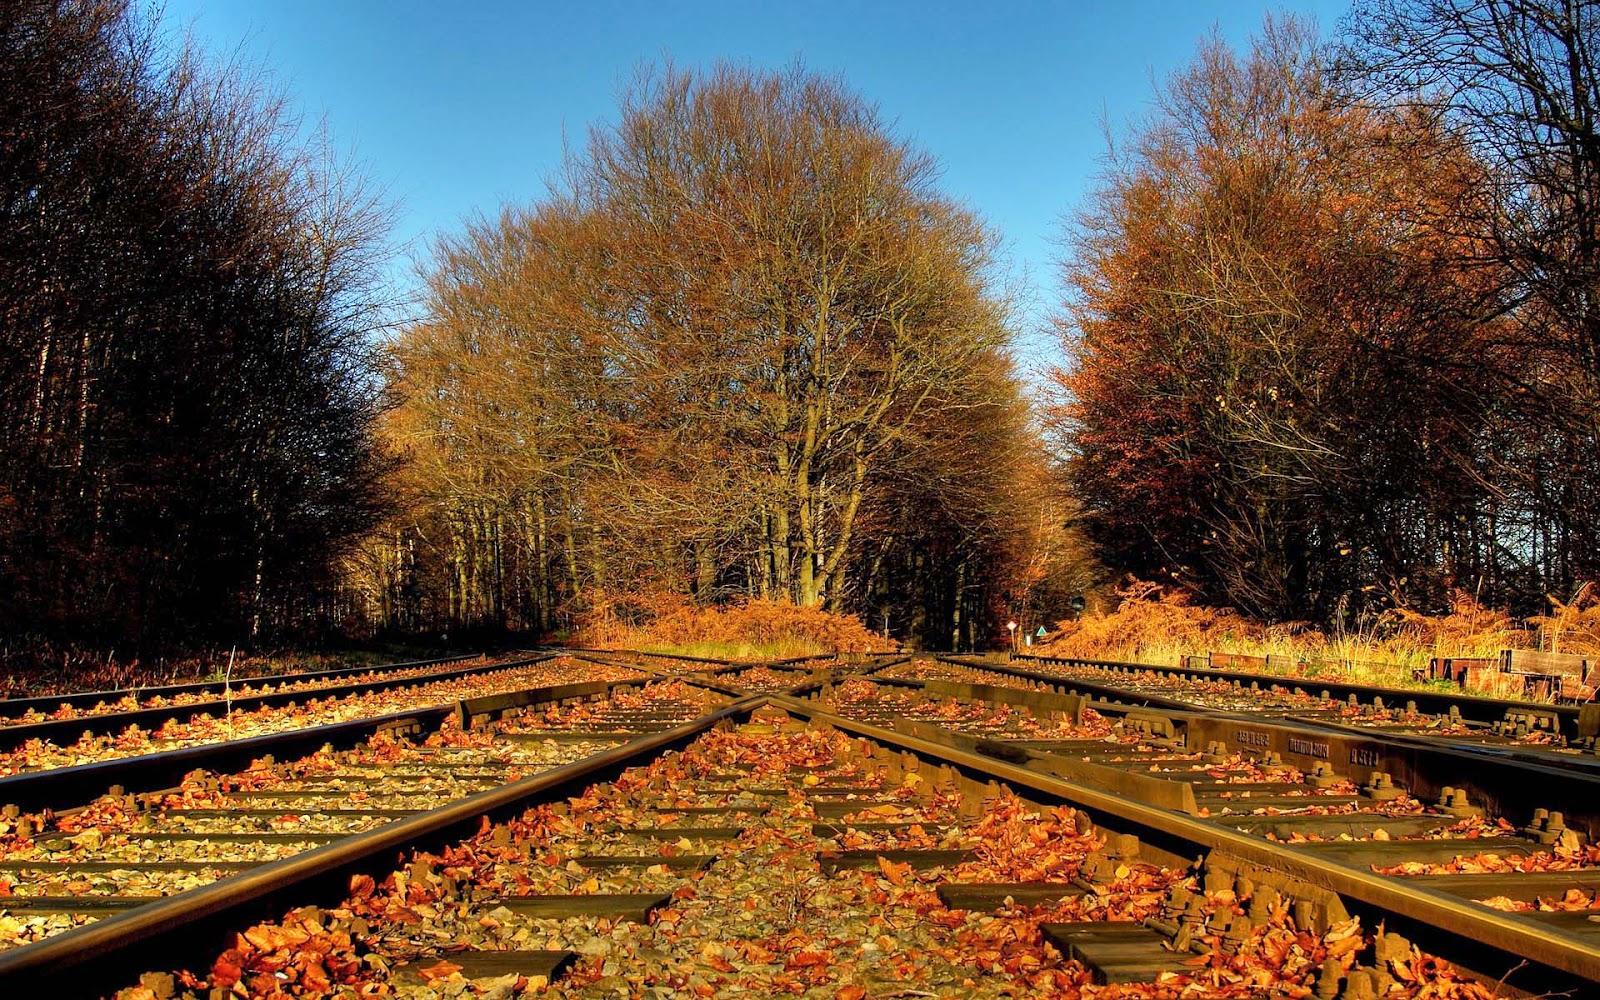 Herfstbladeren op het spoor